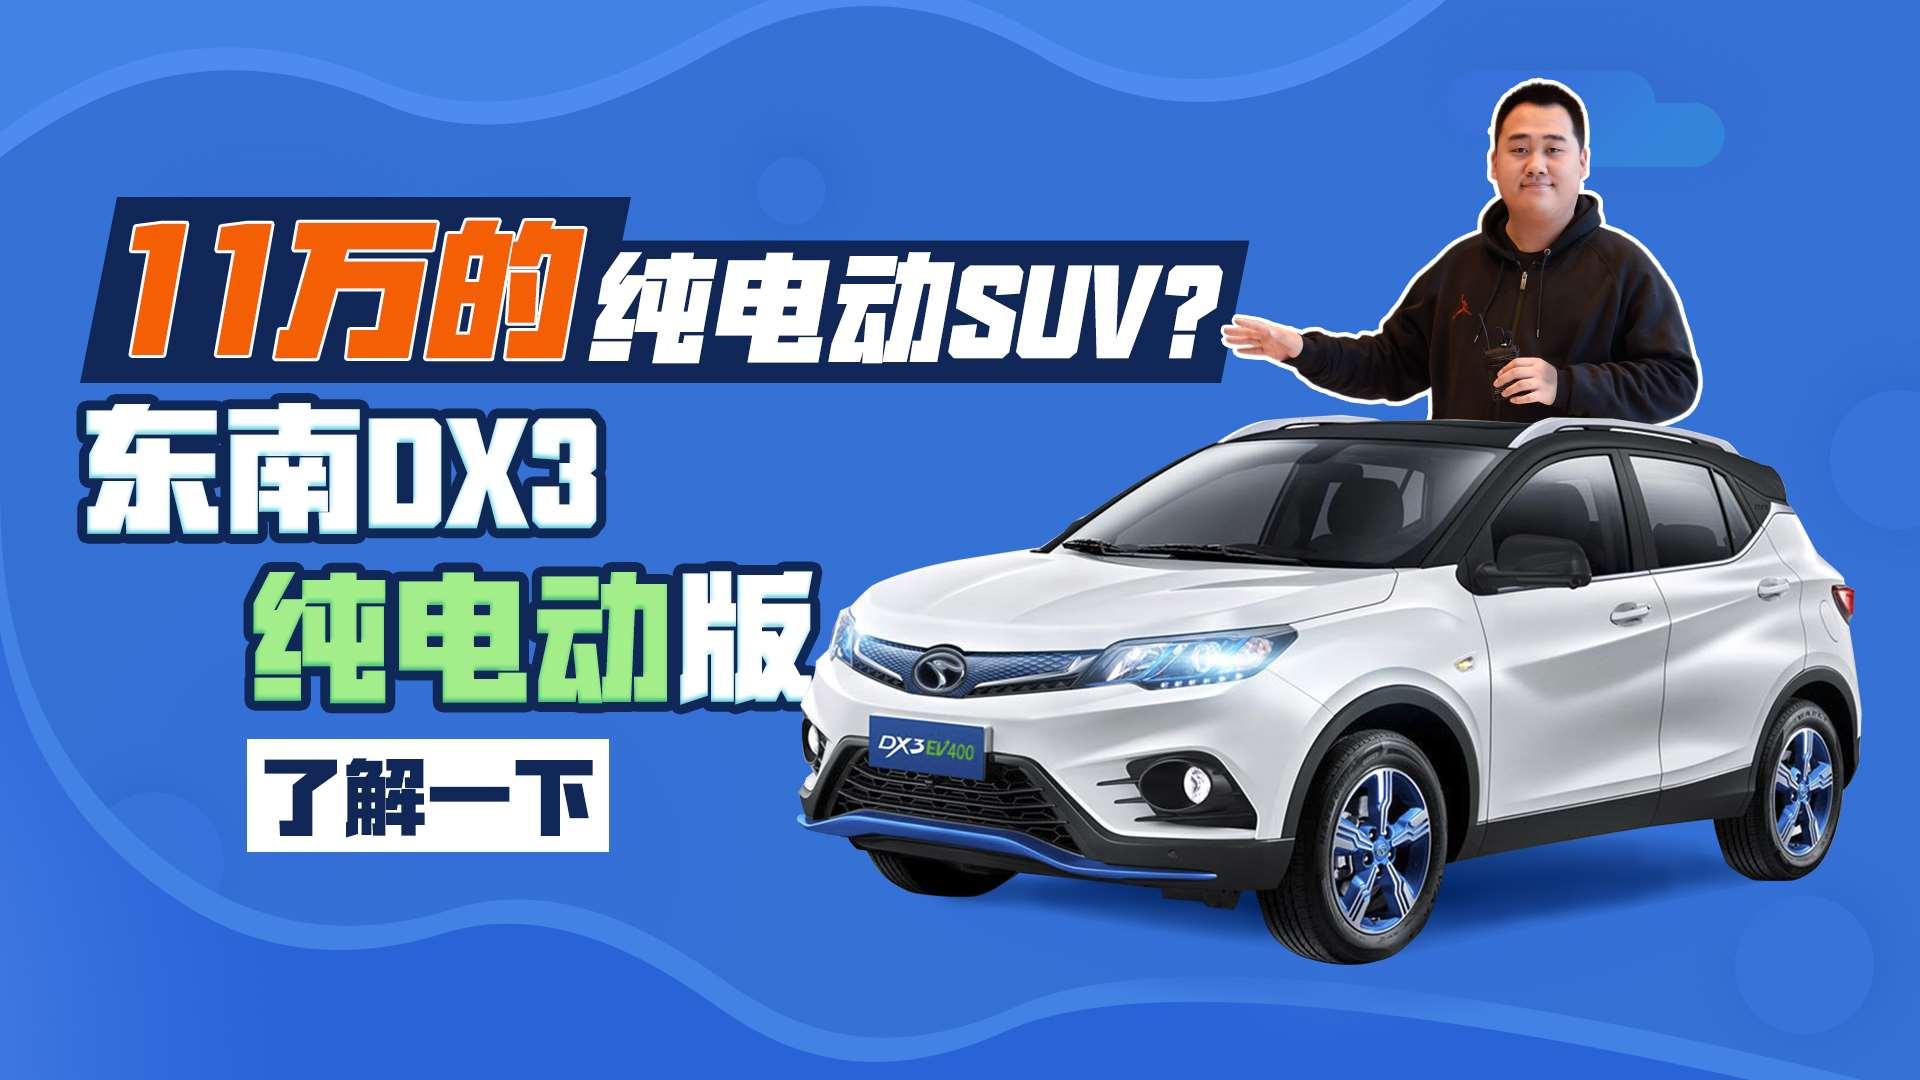 11万的纯电动SUV?东南DX3了解一下